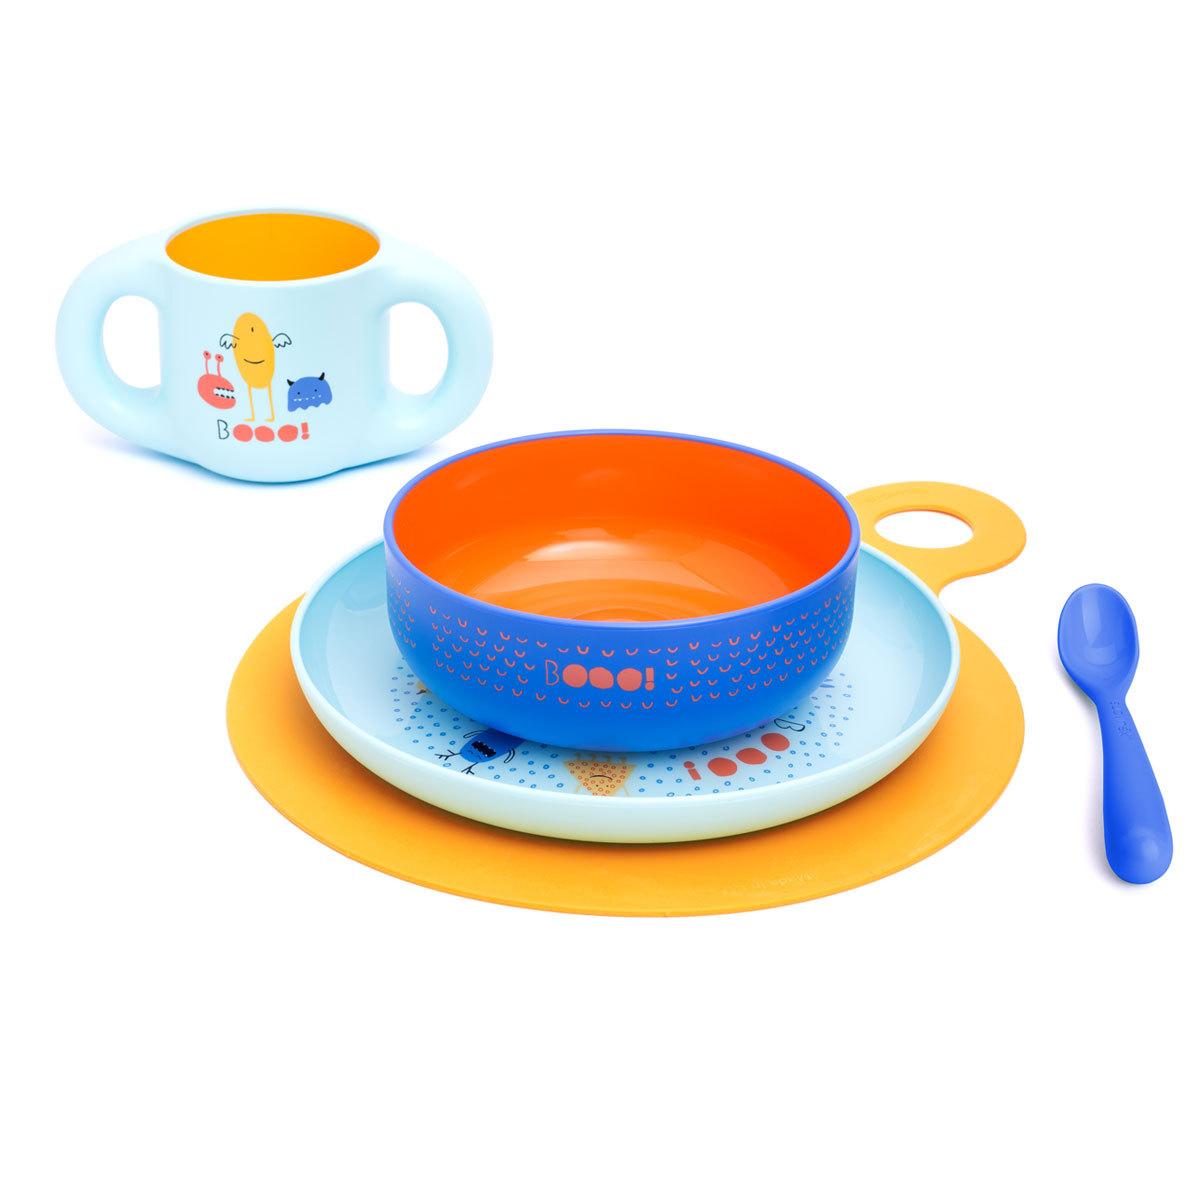 Coffret repas Coffret Repas Complet Booo - Bleu Coffret Repas Complet Booo - Bleu